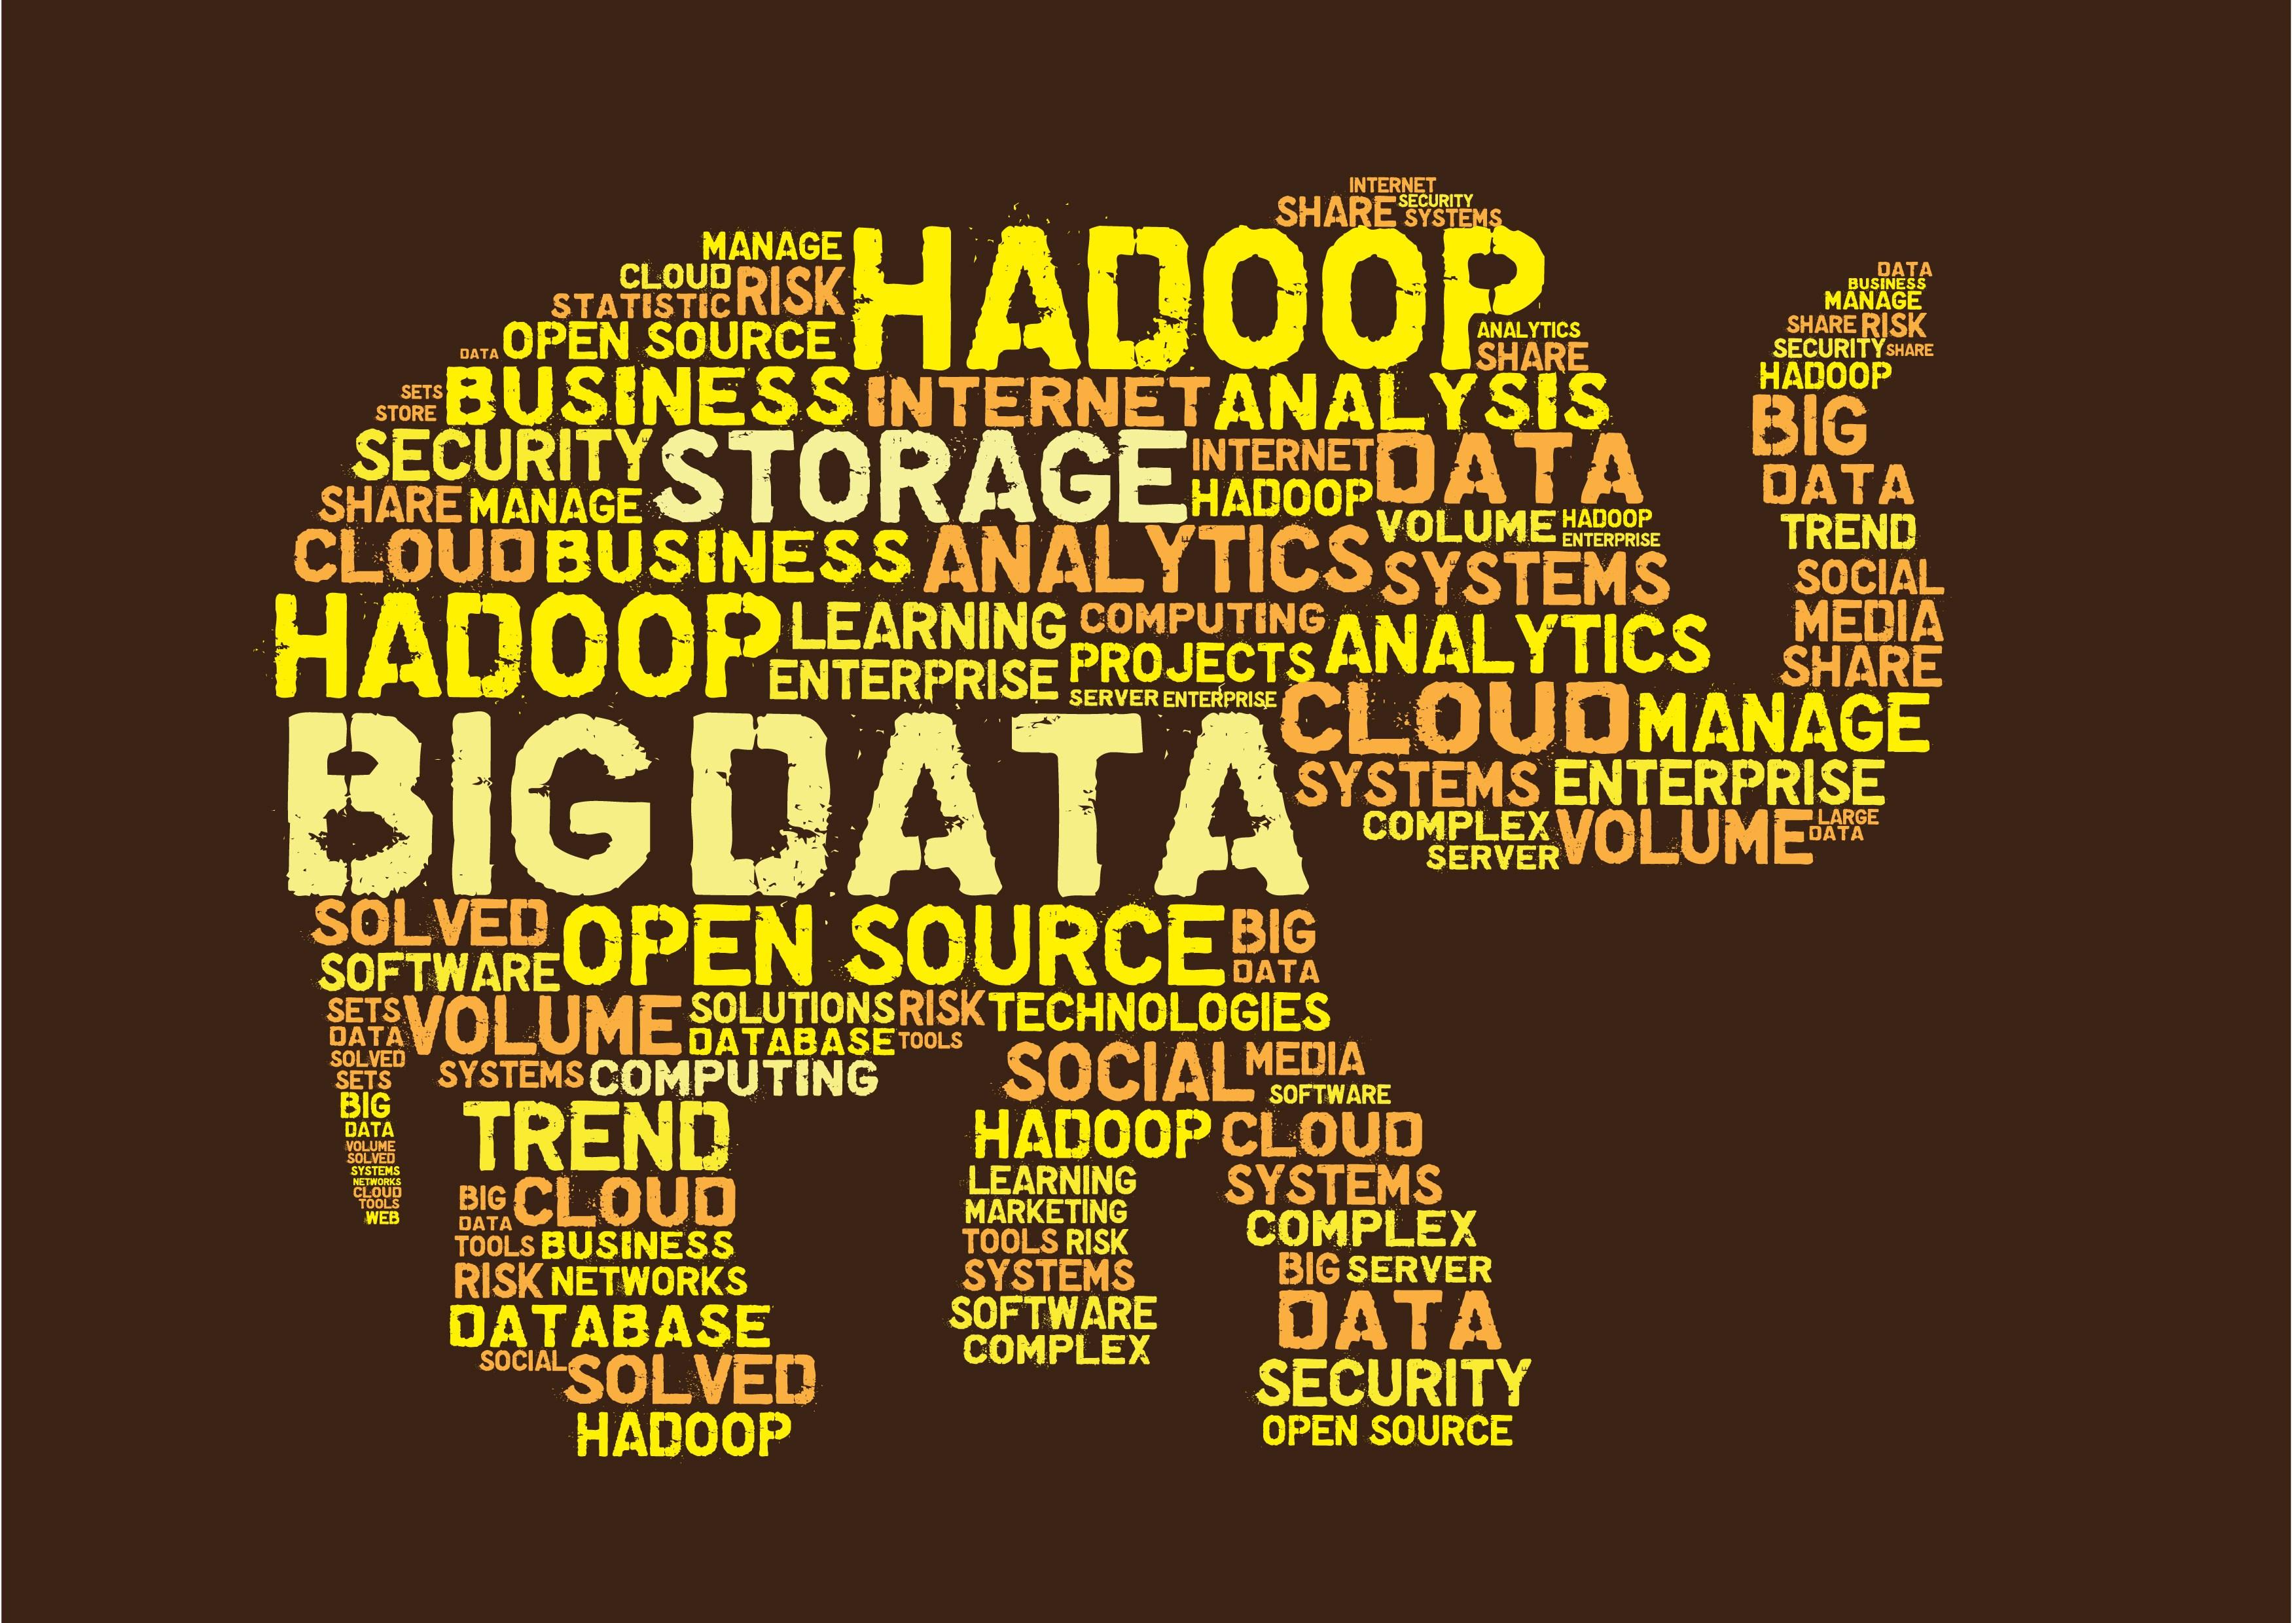 Big Data: Hadoop vs Elasticsearch, mond Te mit választanál?